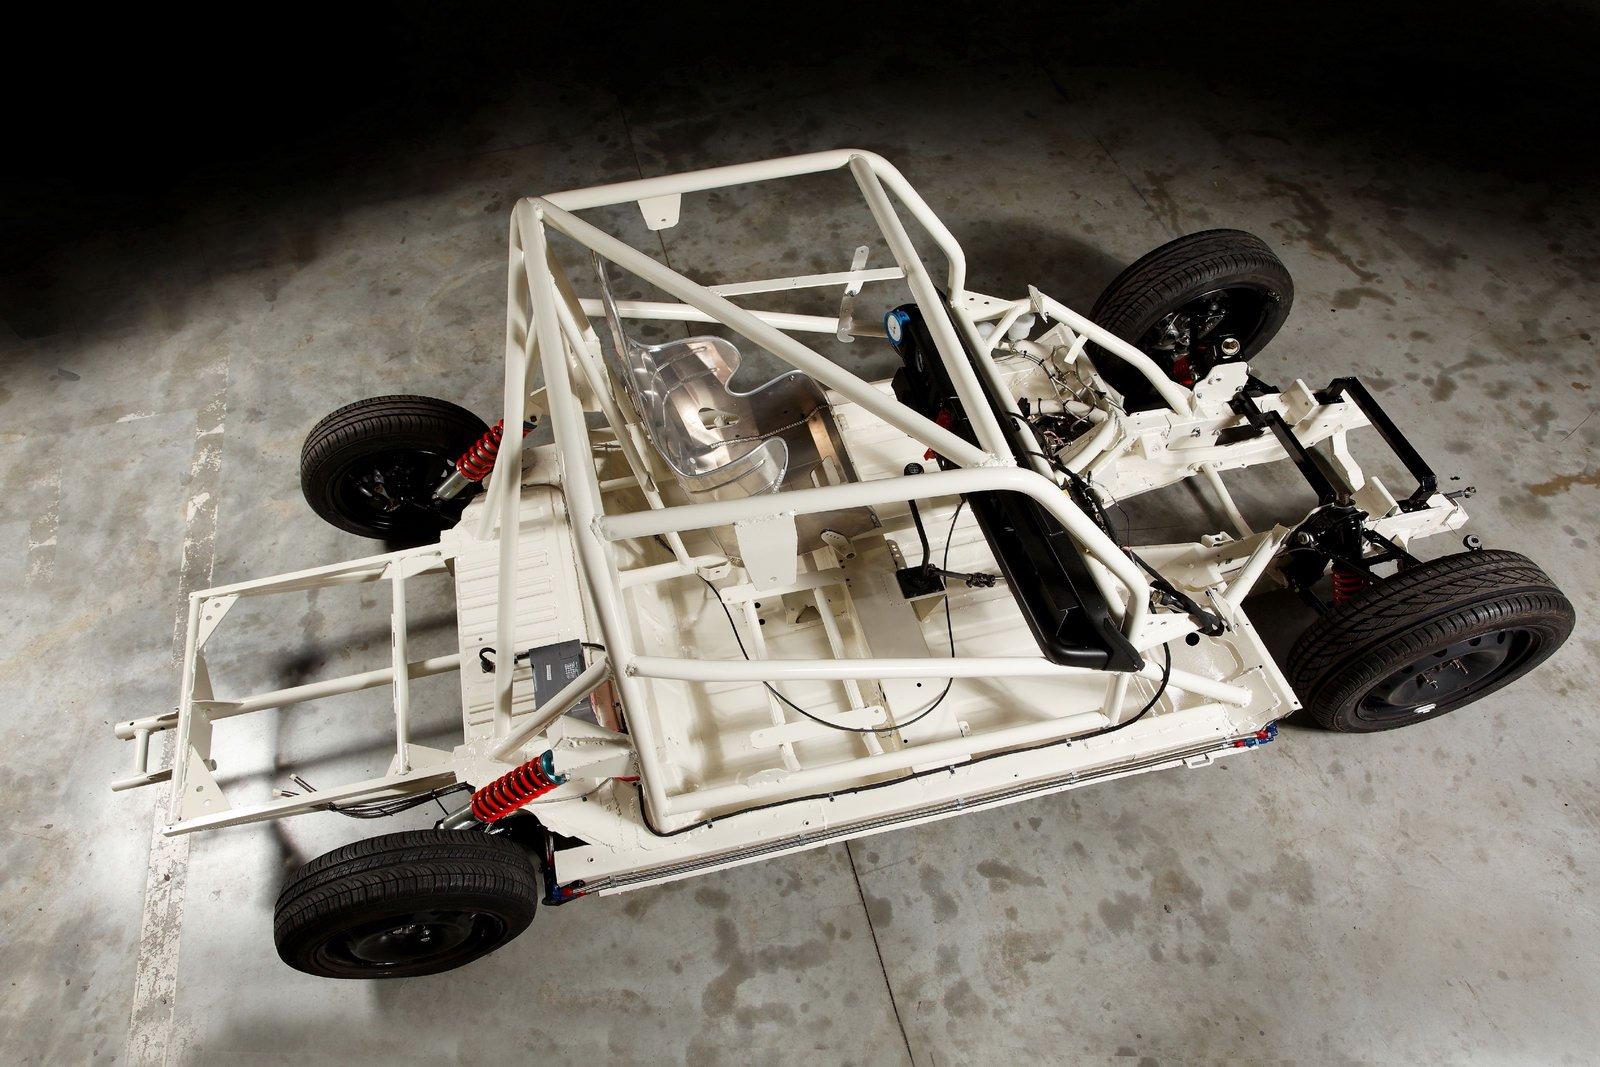 4L Bonneville chassis